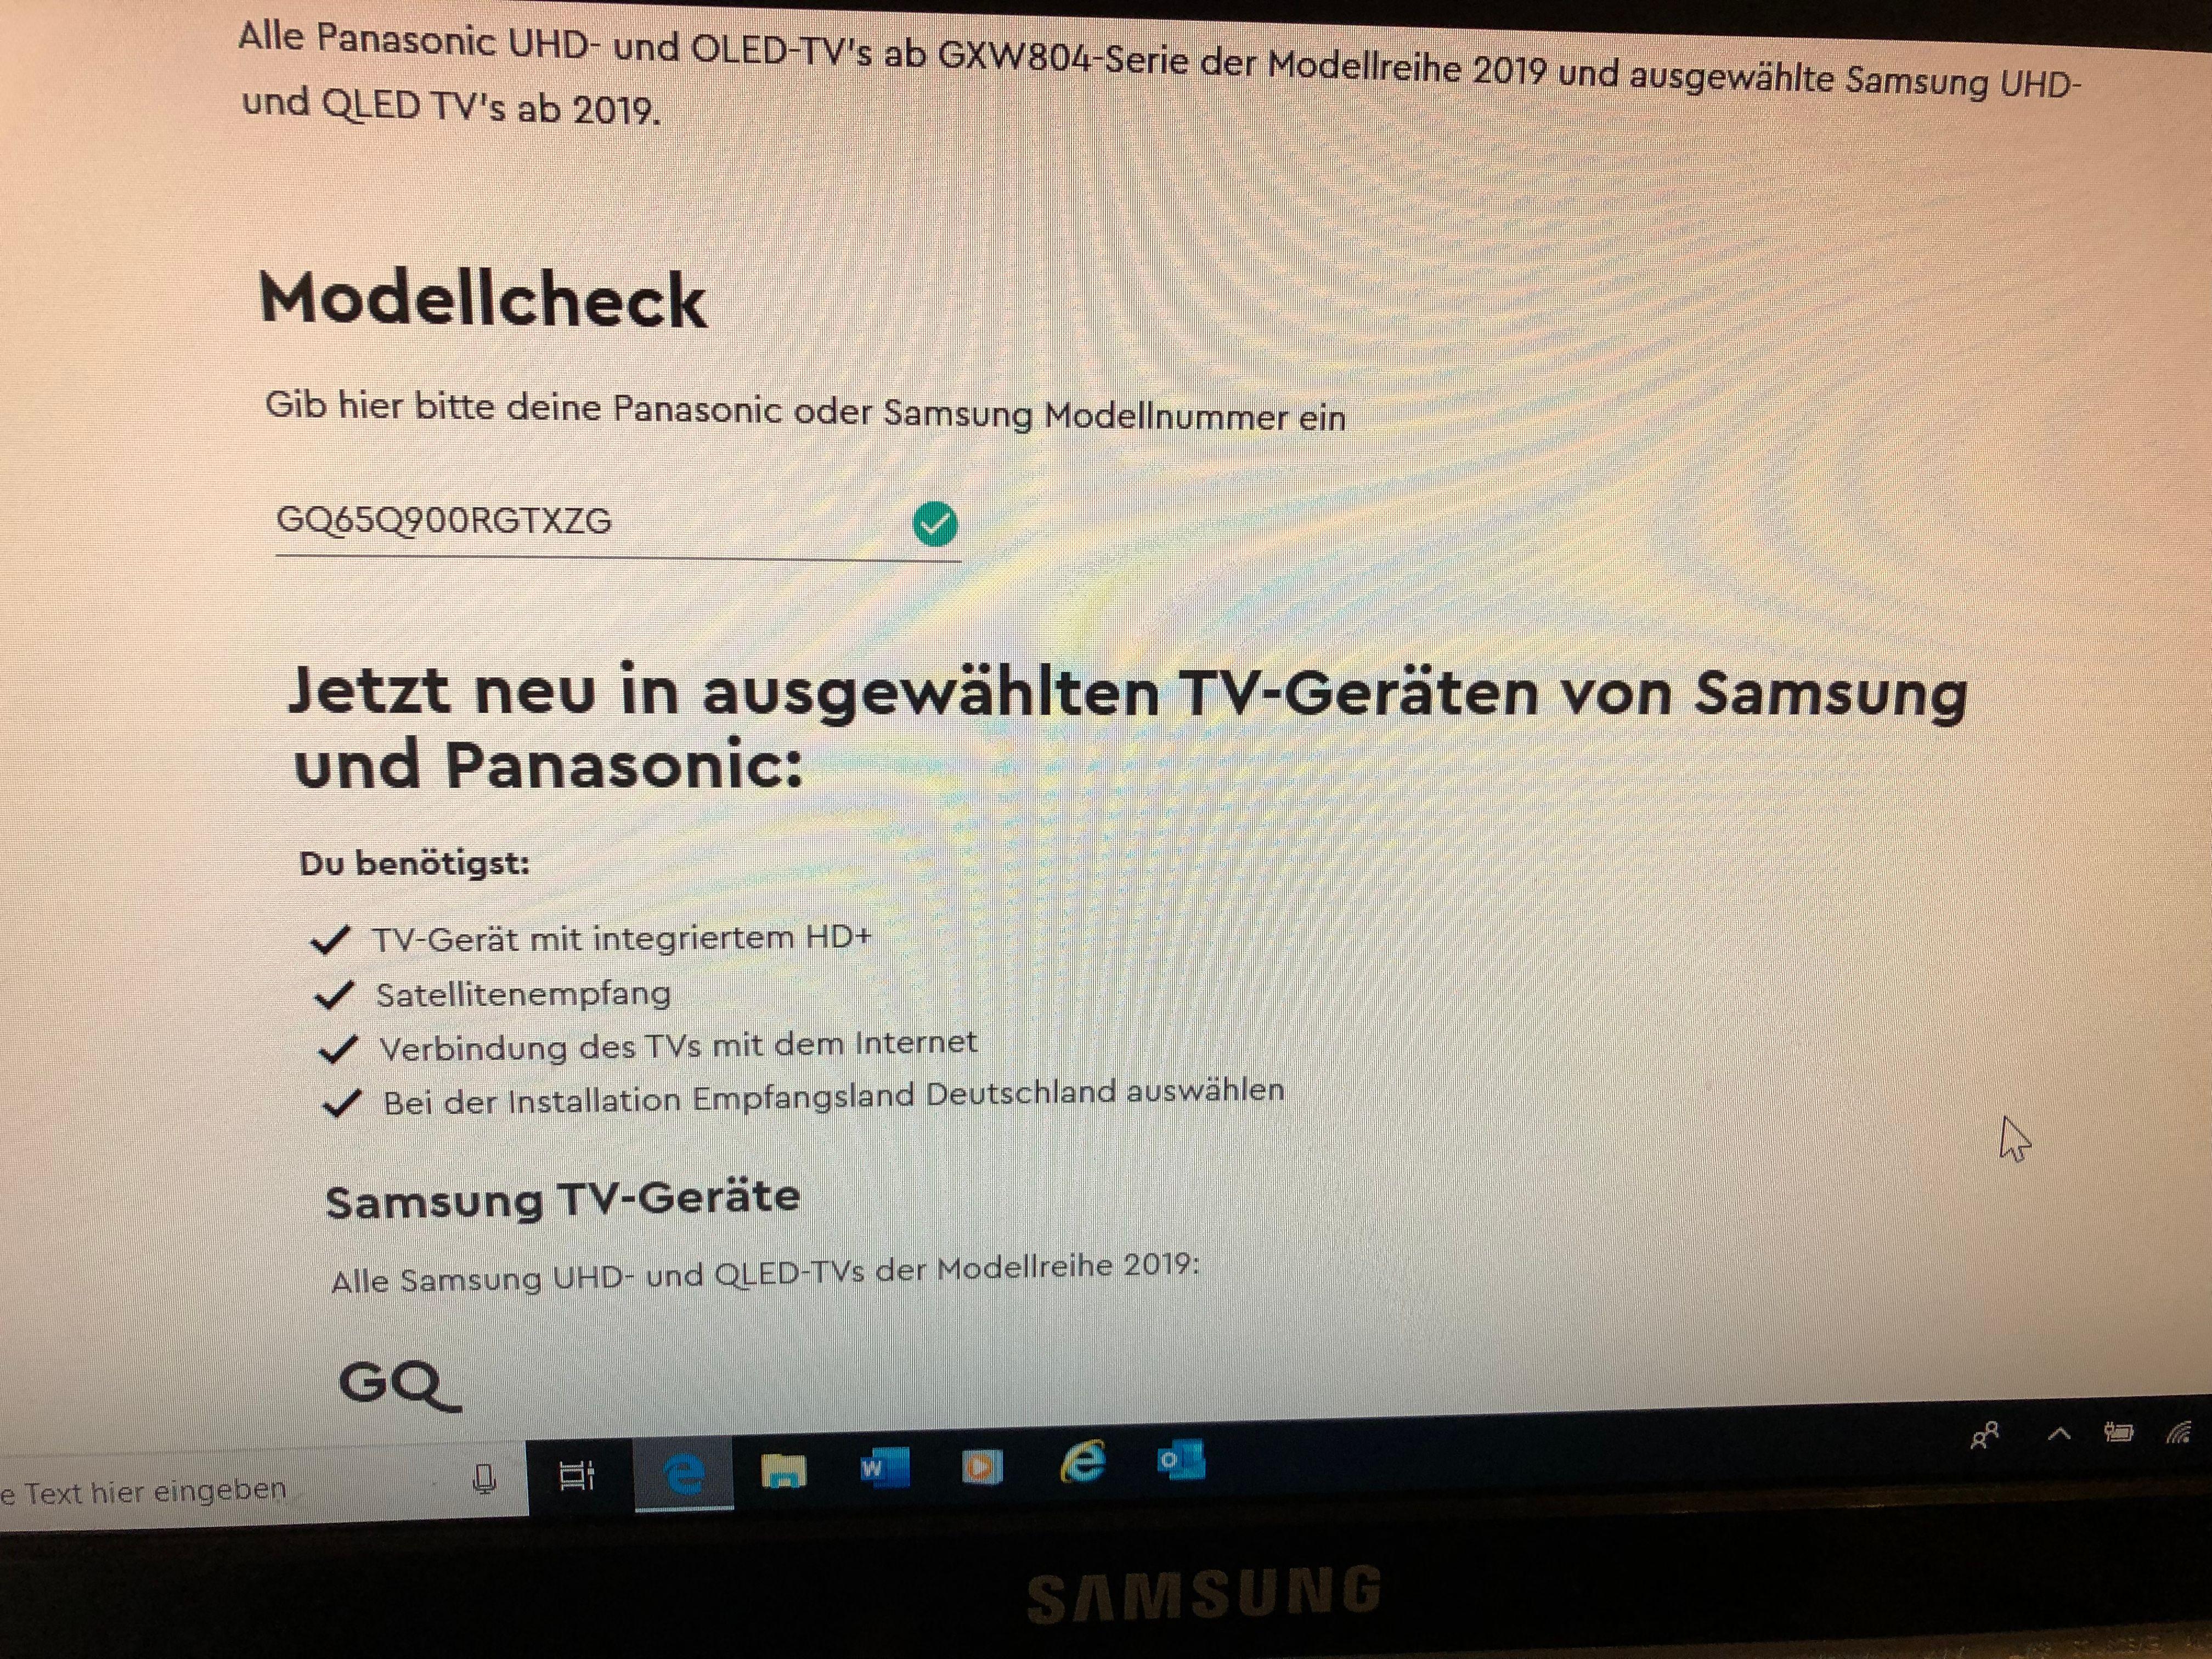 Hd Plus Karte Aktivieren.Hd Aktivierung Bei 2019 Qled Modelle Samsung Community